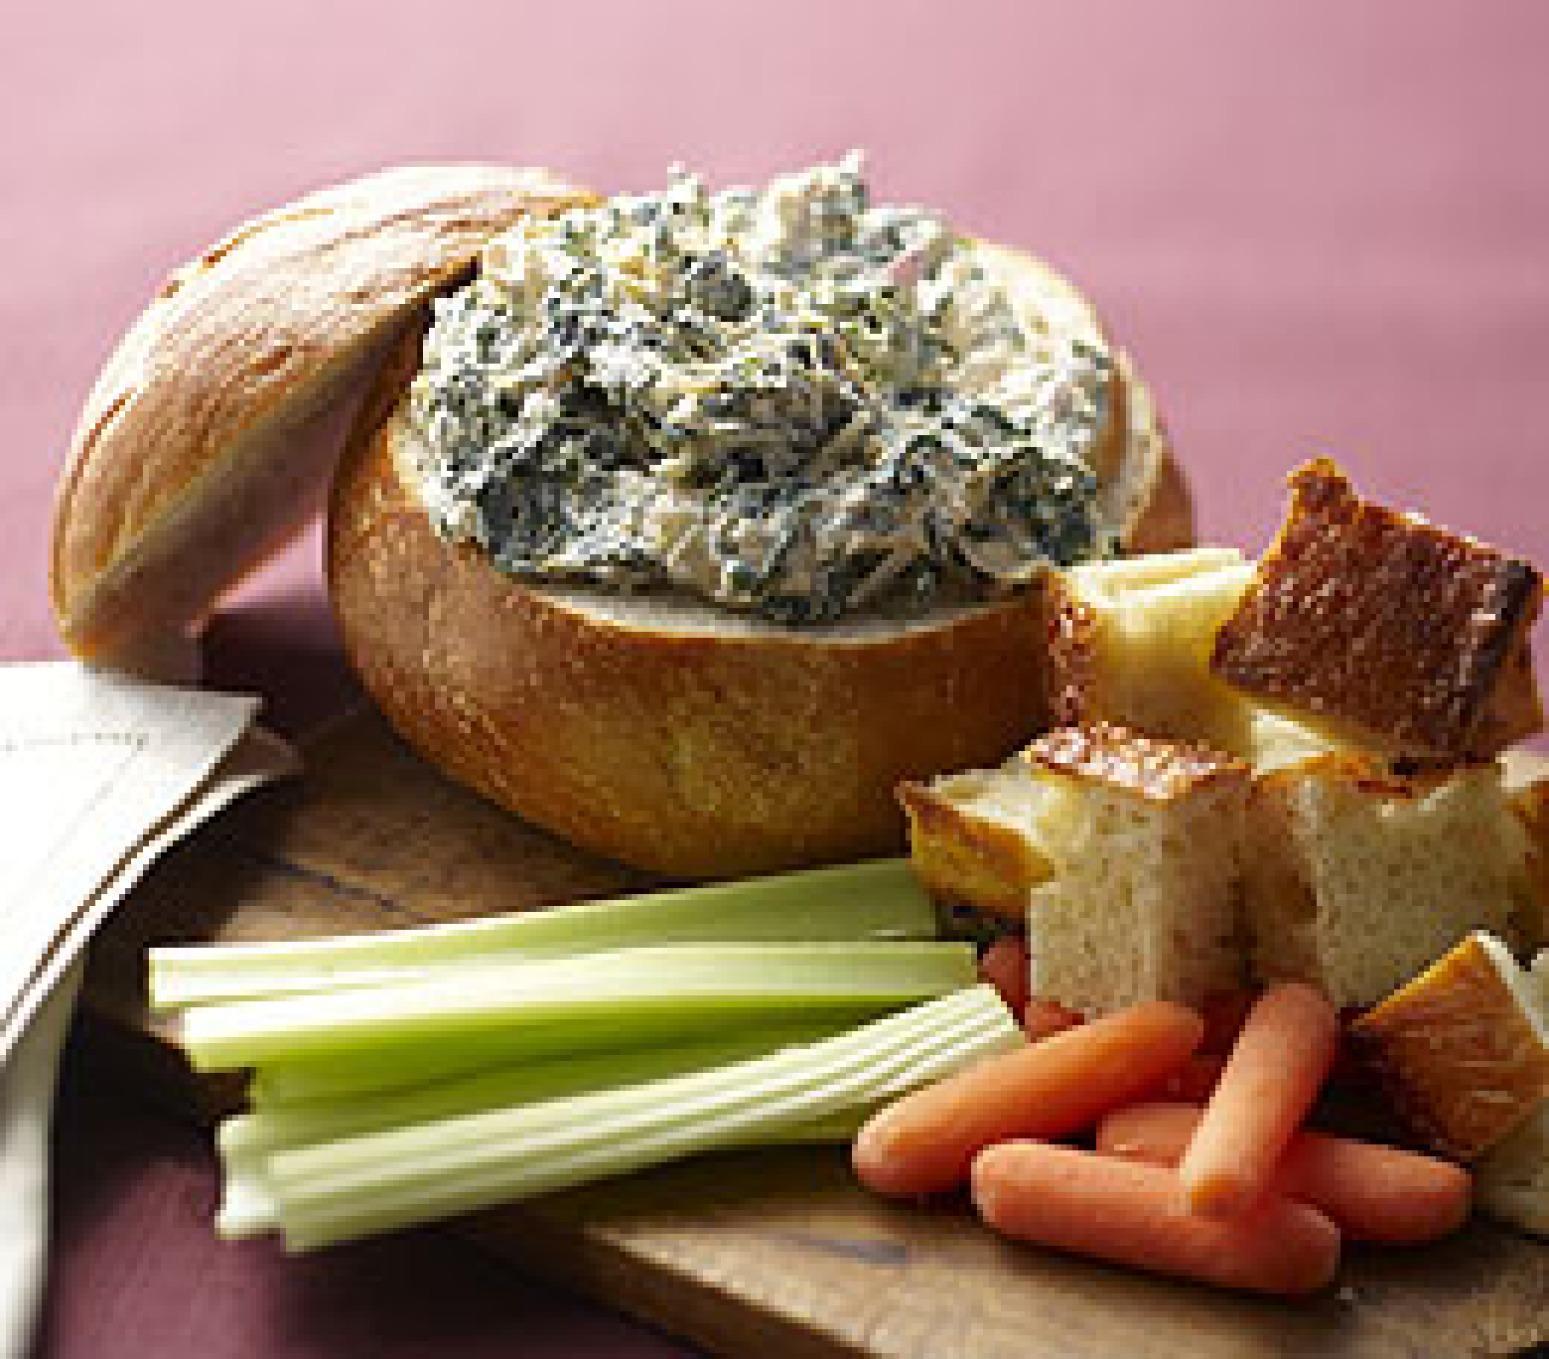 Spinach Artichoke Dip in Bread Bowl Spinach Artichoke Dip in a